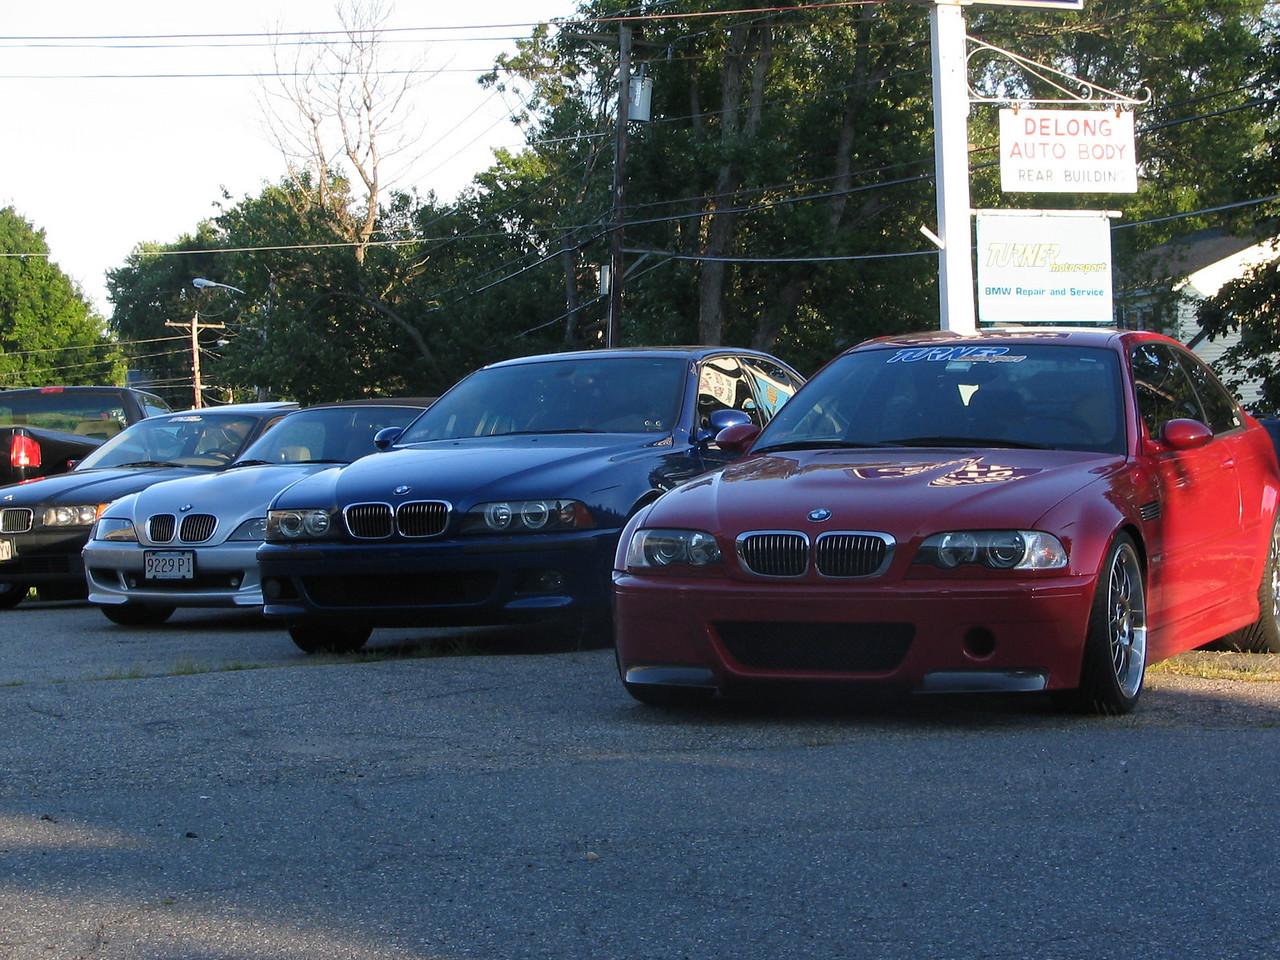 BMW line-up in front of Turner Motorsport